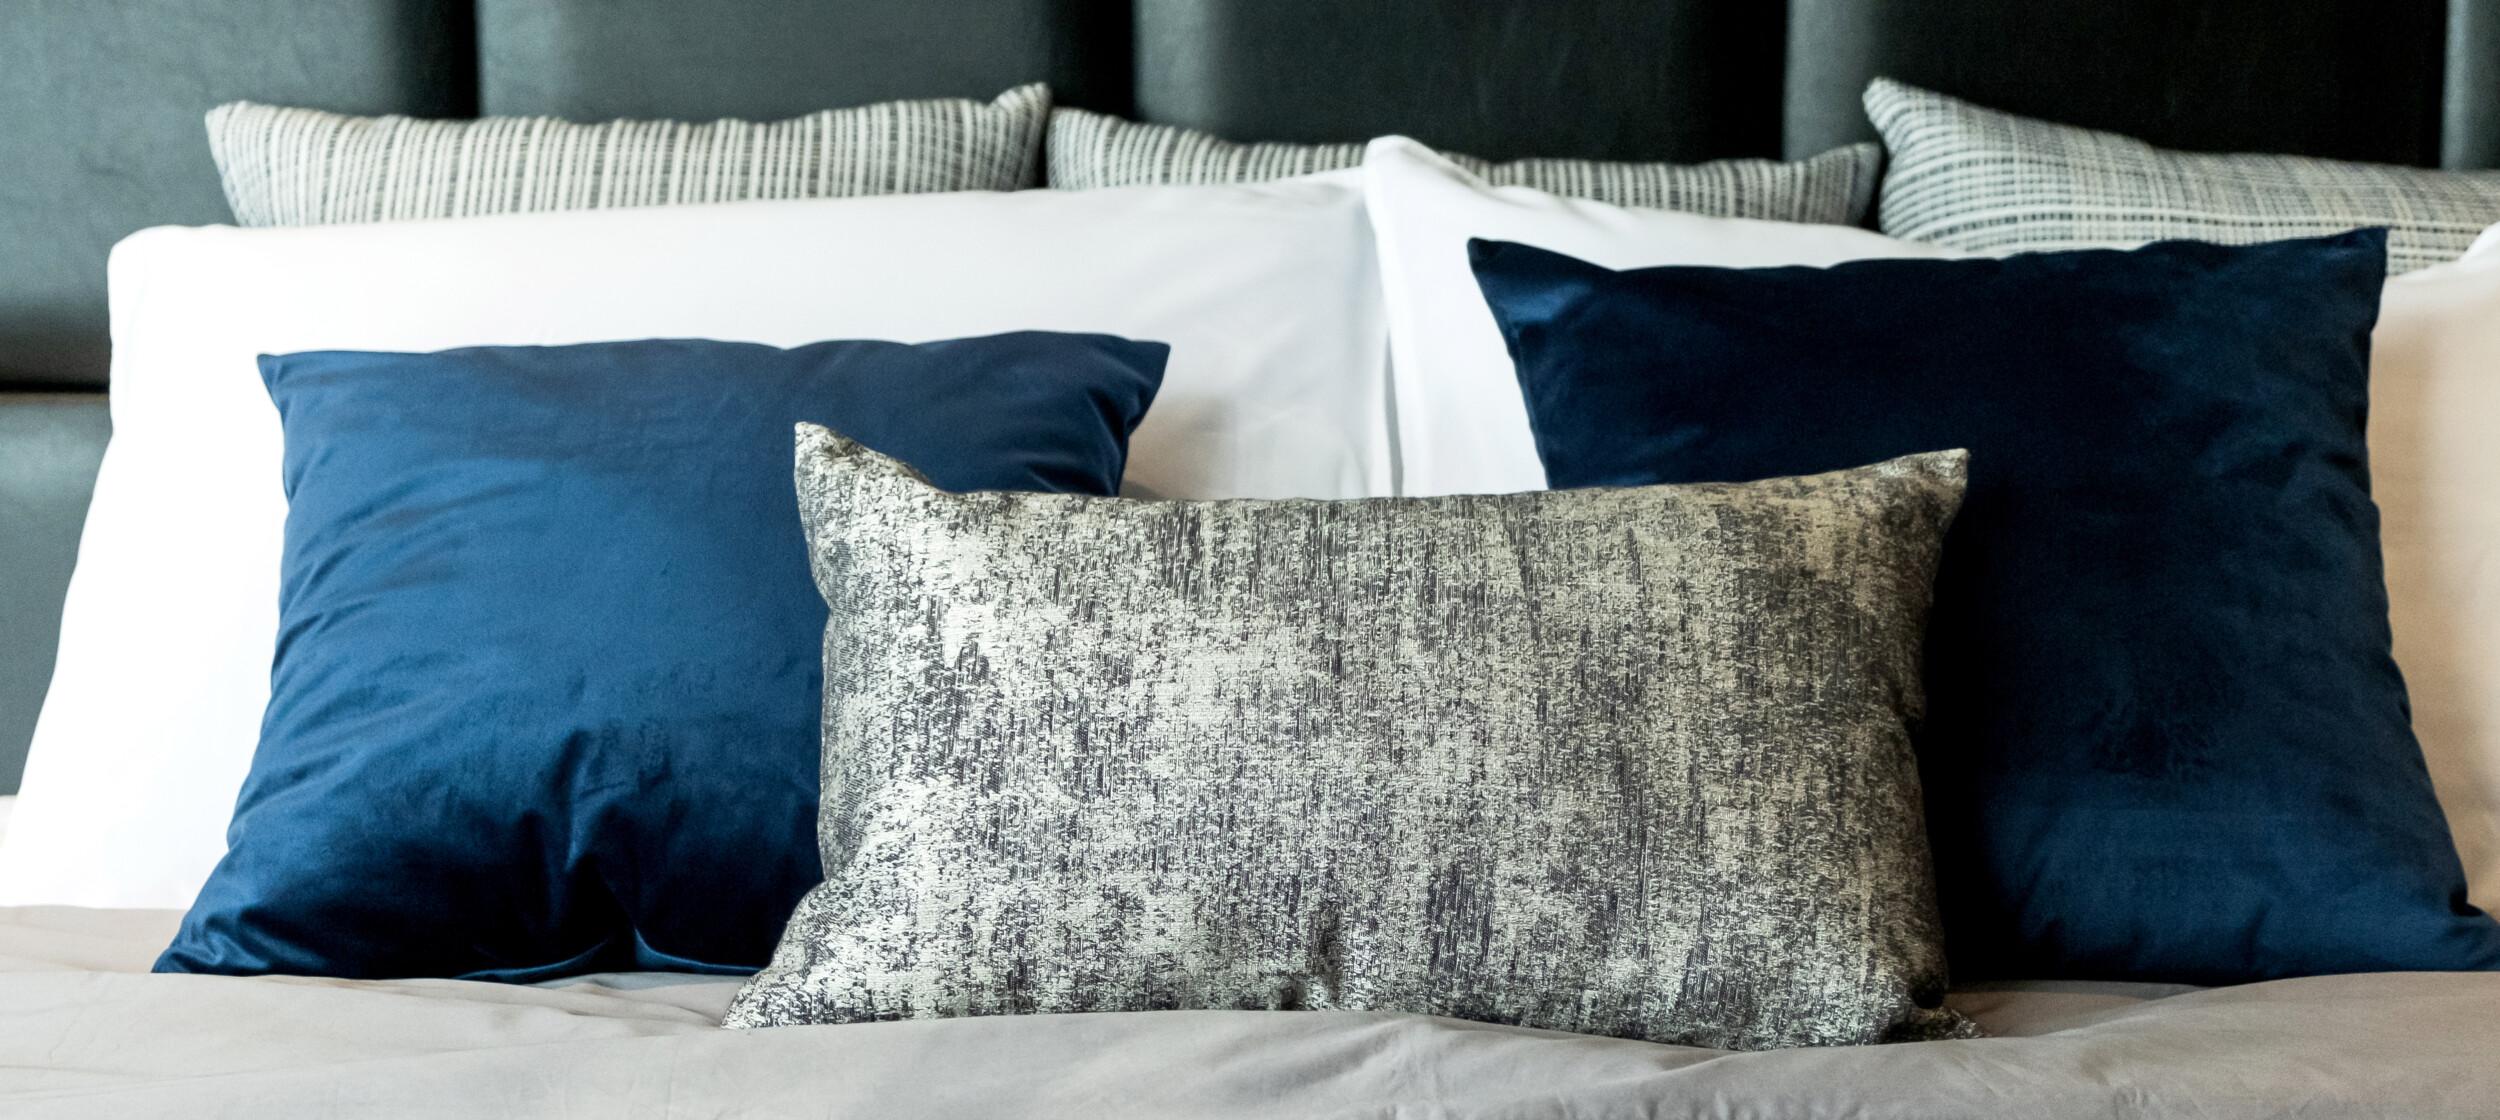 bedding decorativ e pillows